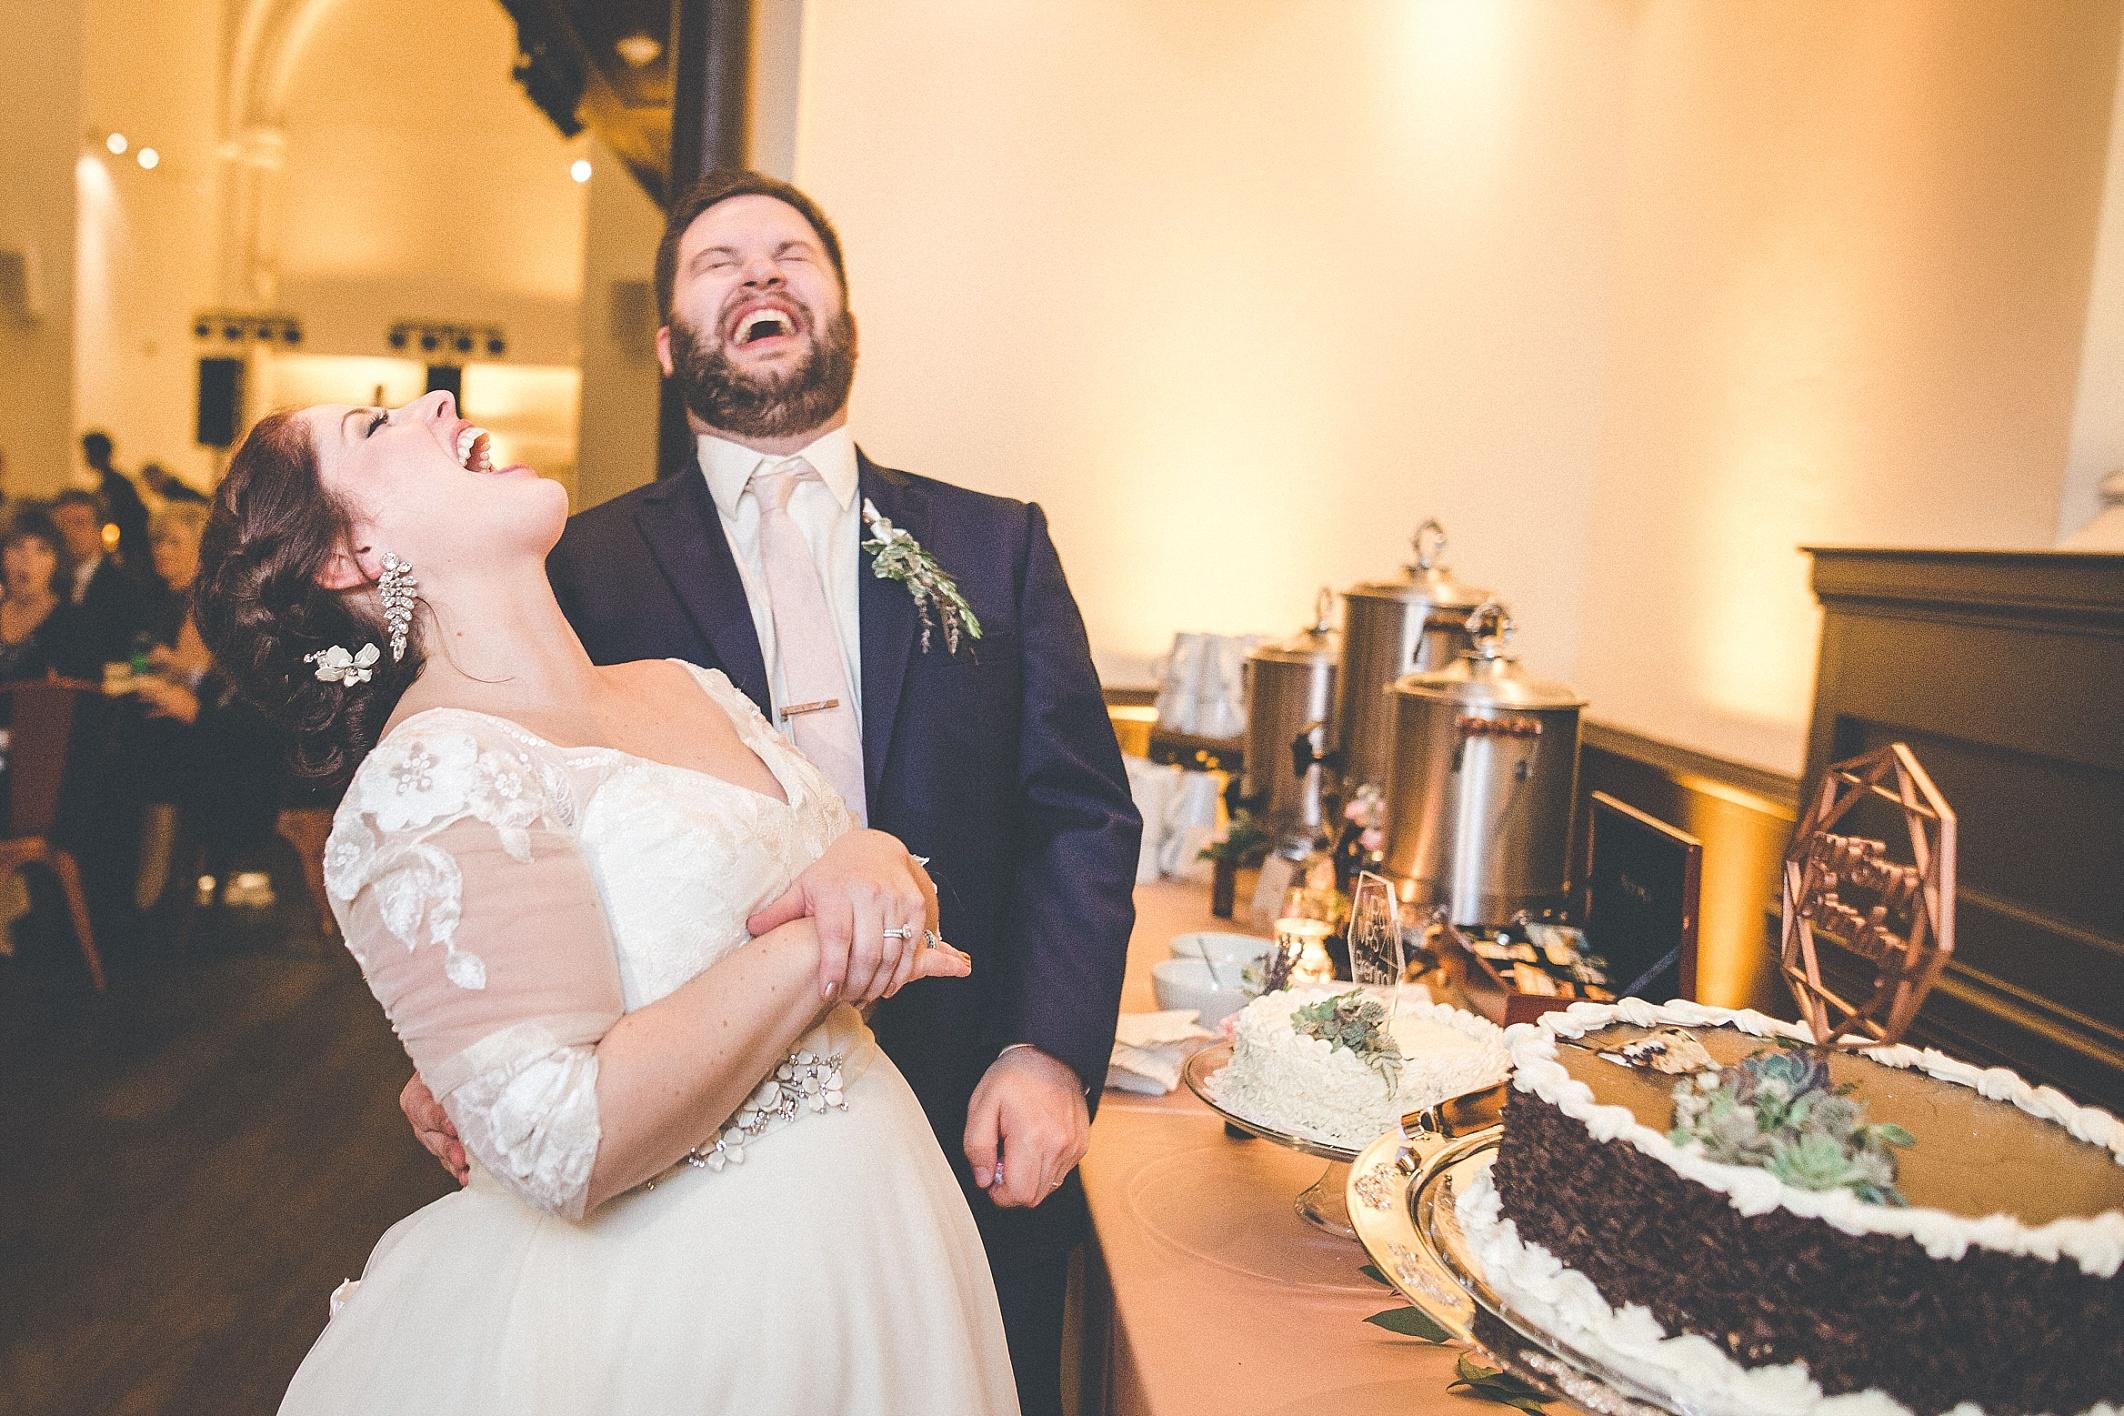 hilary-aaron-cincinnati-trancept-wedding-photographer-dayton-ohio_0048.jpg